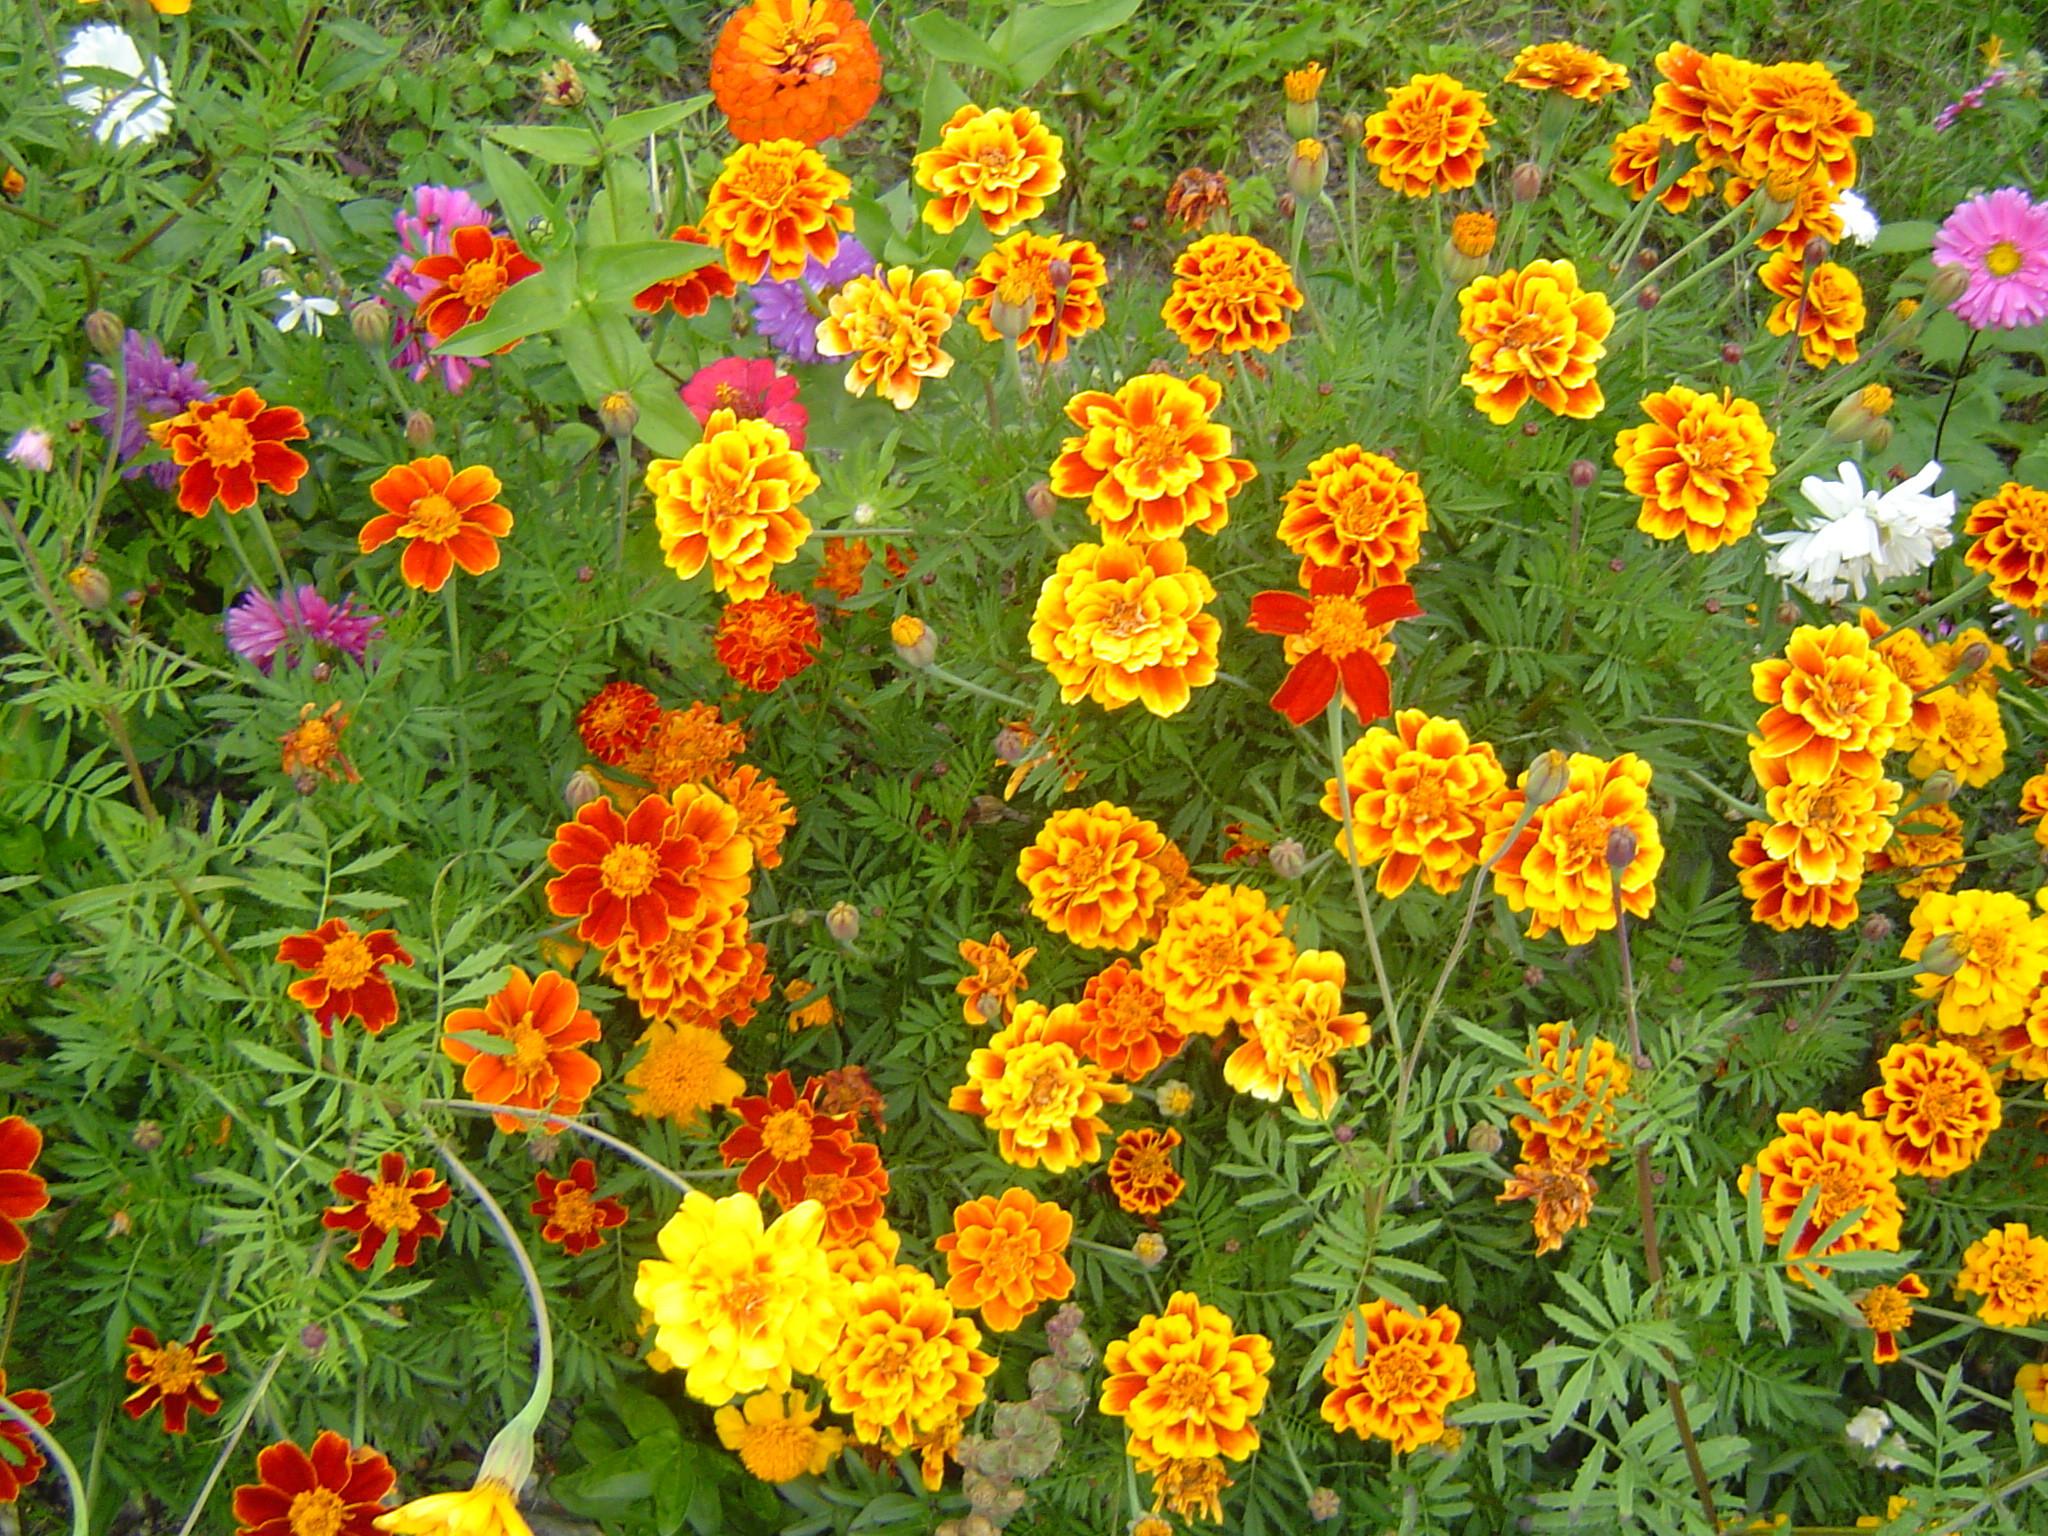 fall flower wallpaper – www.high-definition-wallpaper.com